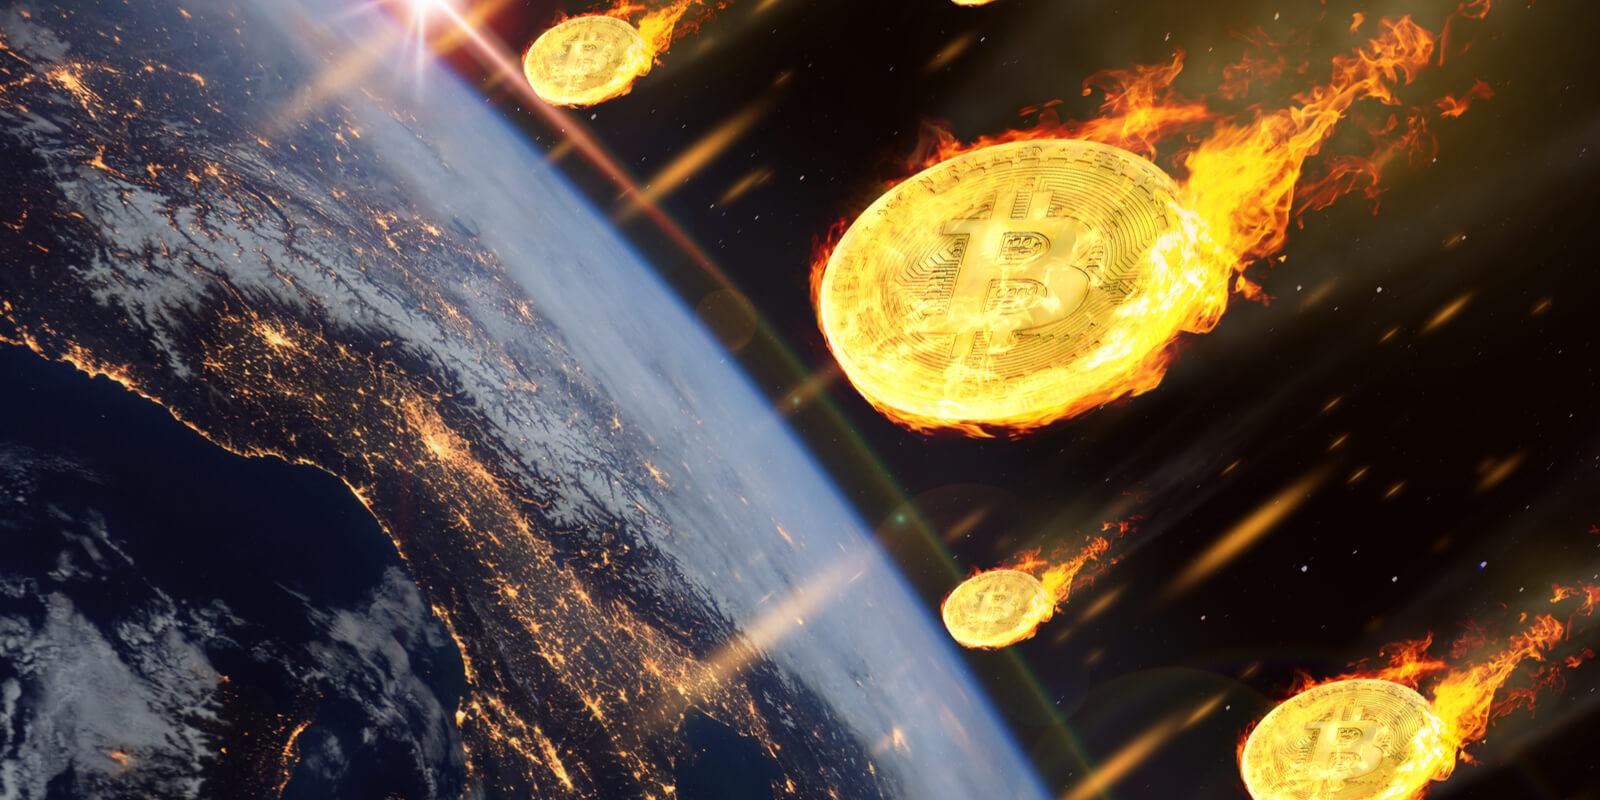 Bitcoin chute la veille du halving : vers une reprise baissière ?